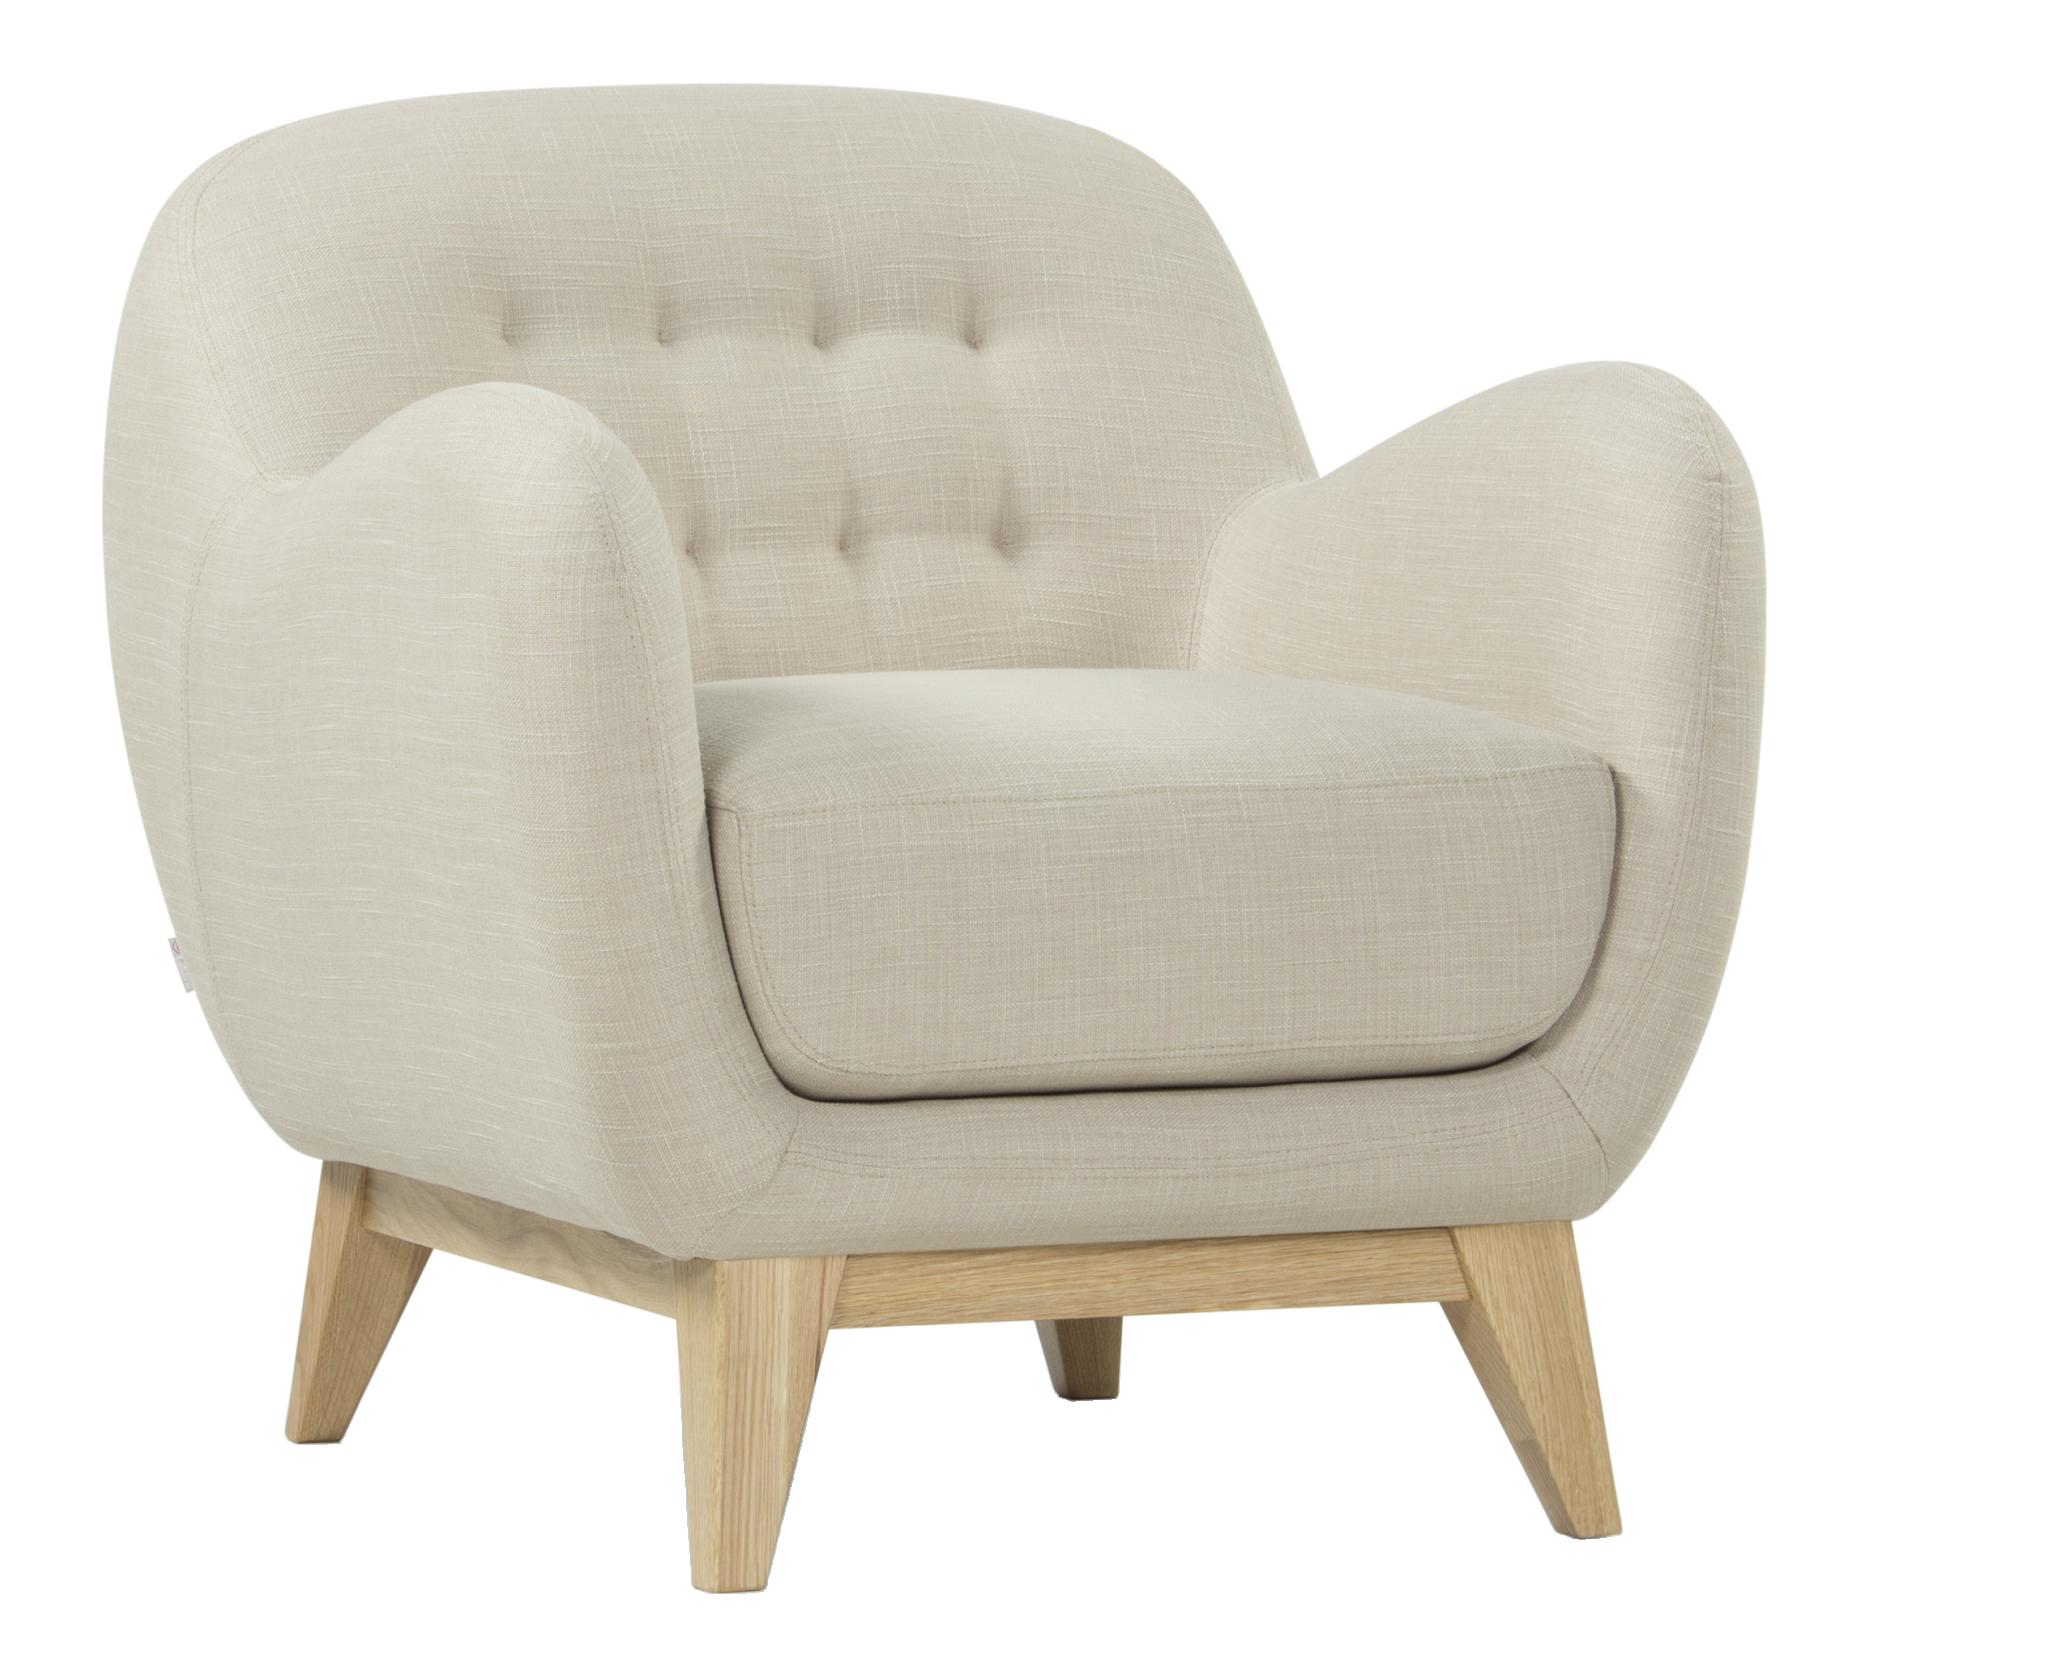 habitat fauteuil en tissu beige balthasar dimensions x x cm hauteur d 39 assise. Black Bedroom Furniture Sets. Home Design Ideas